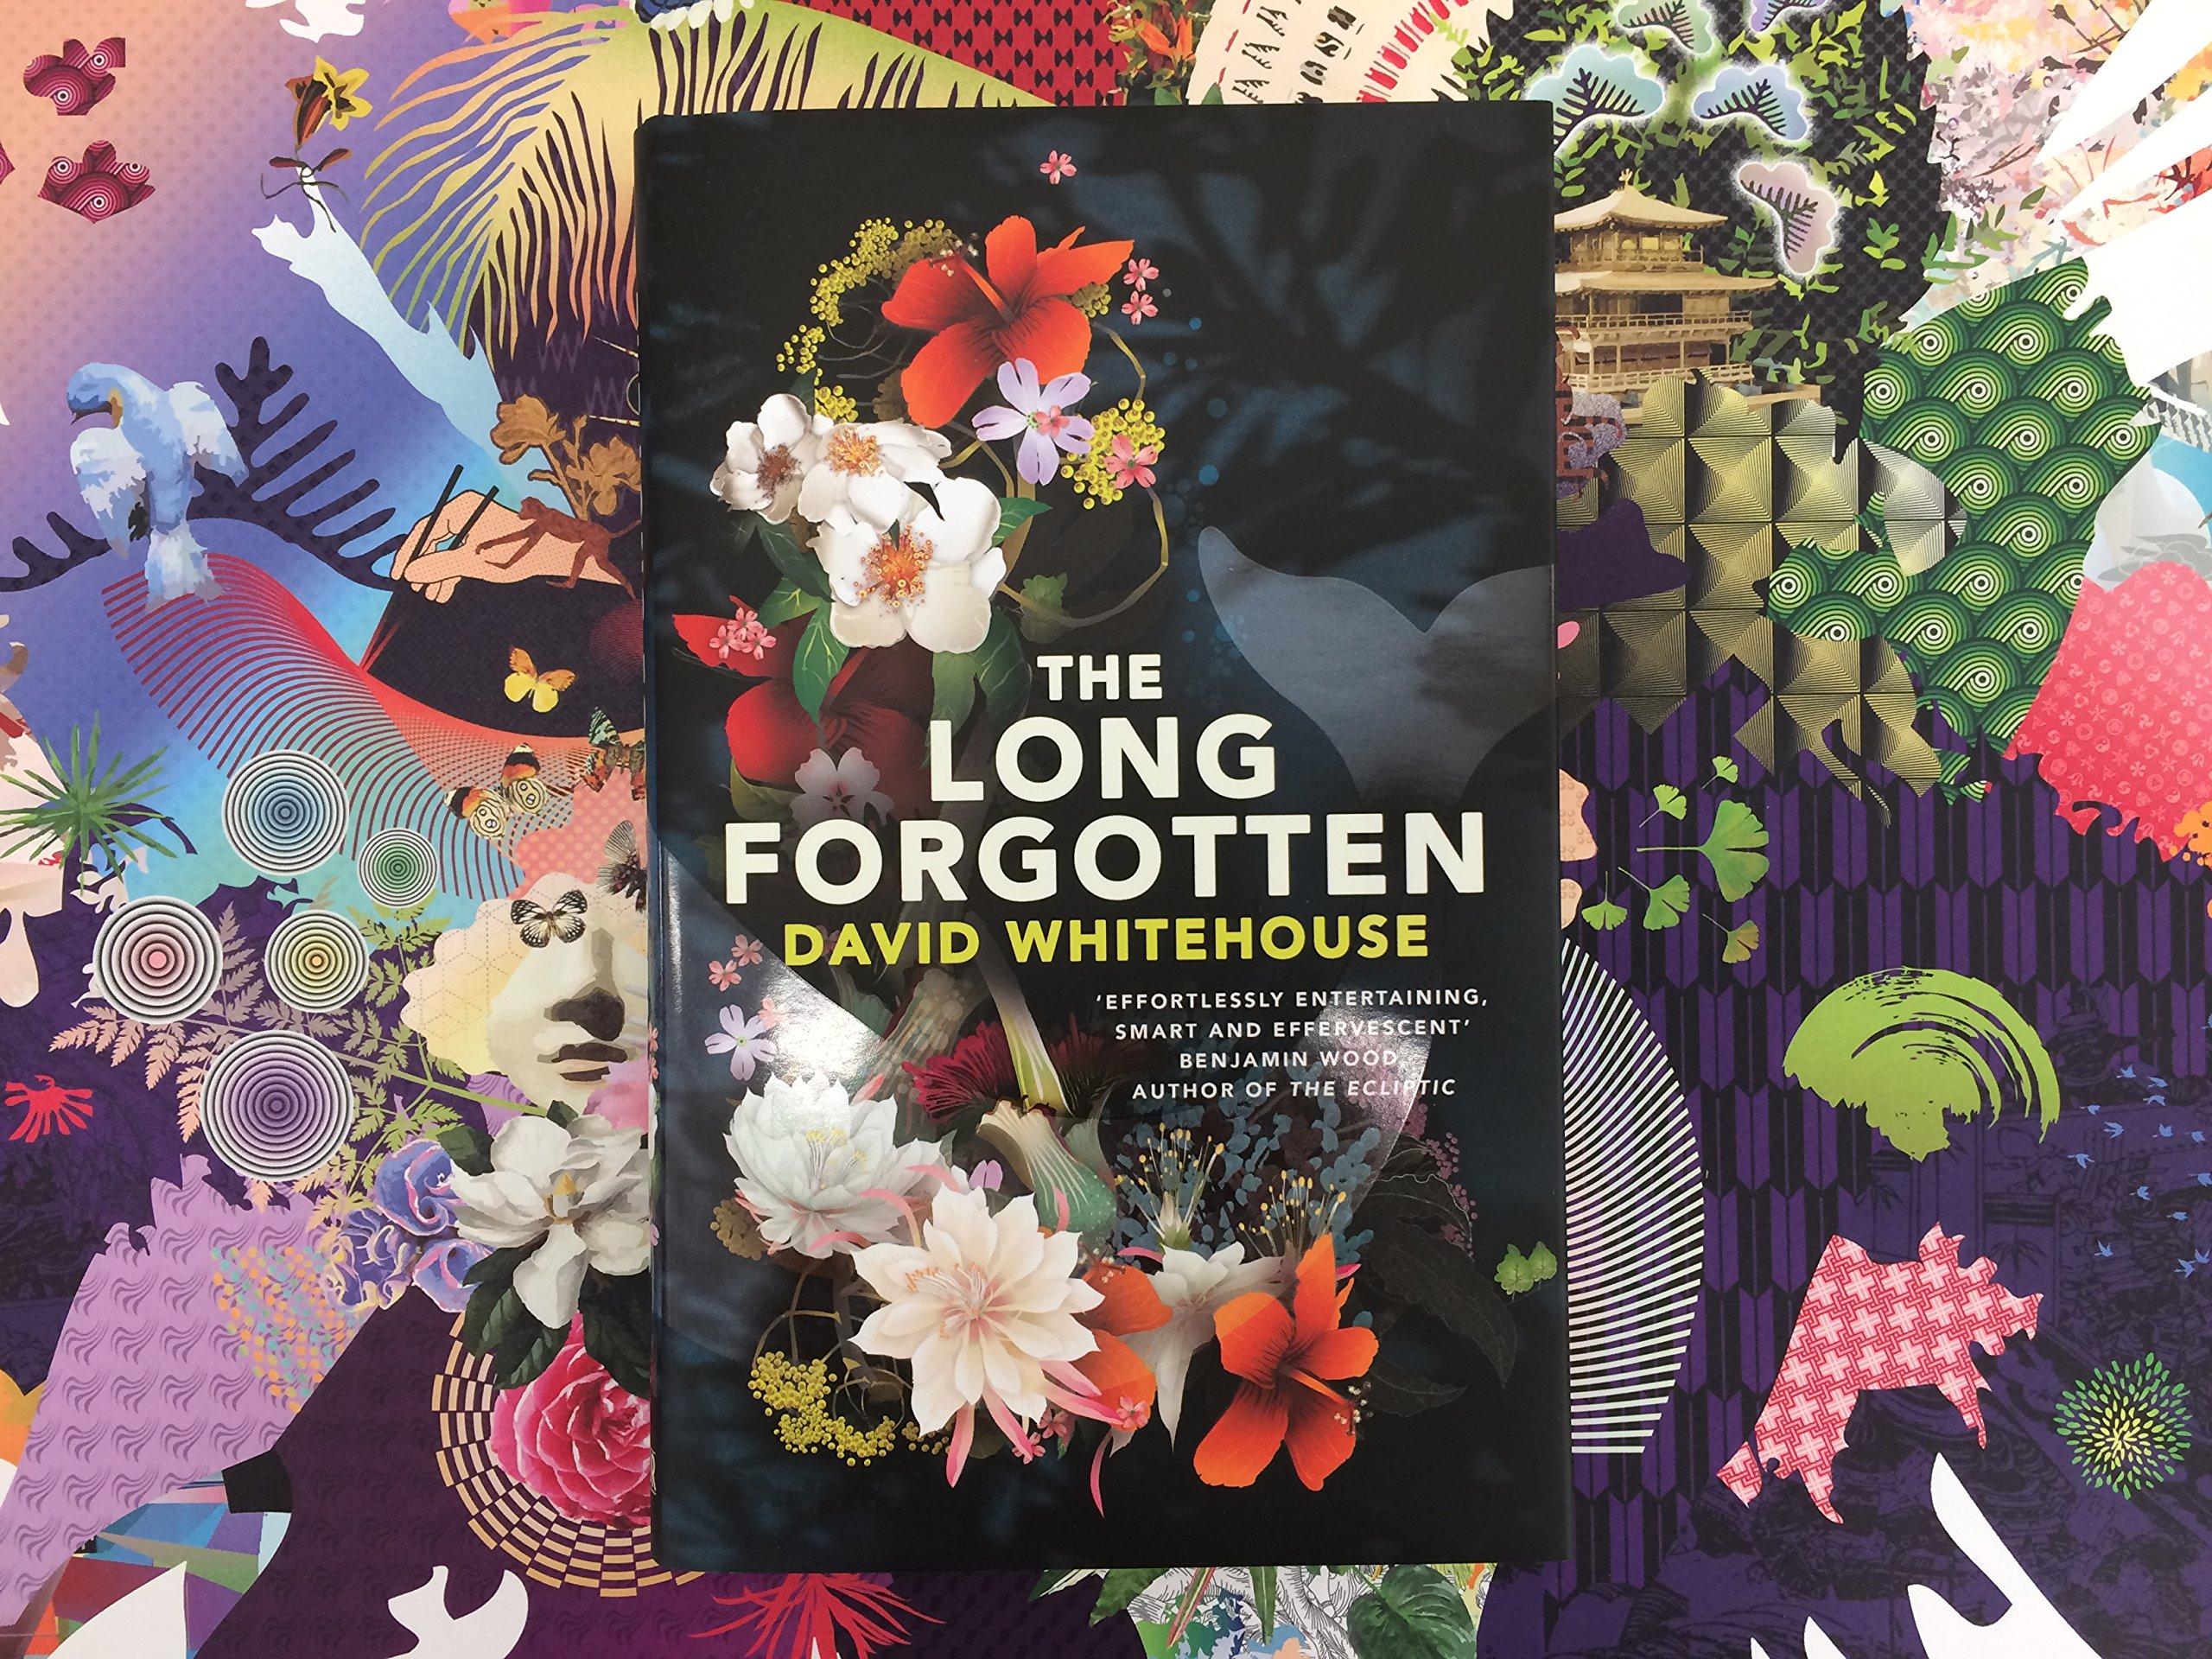 The Long Forgotten: Amazon co uk: David Whitehouse